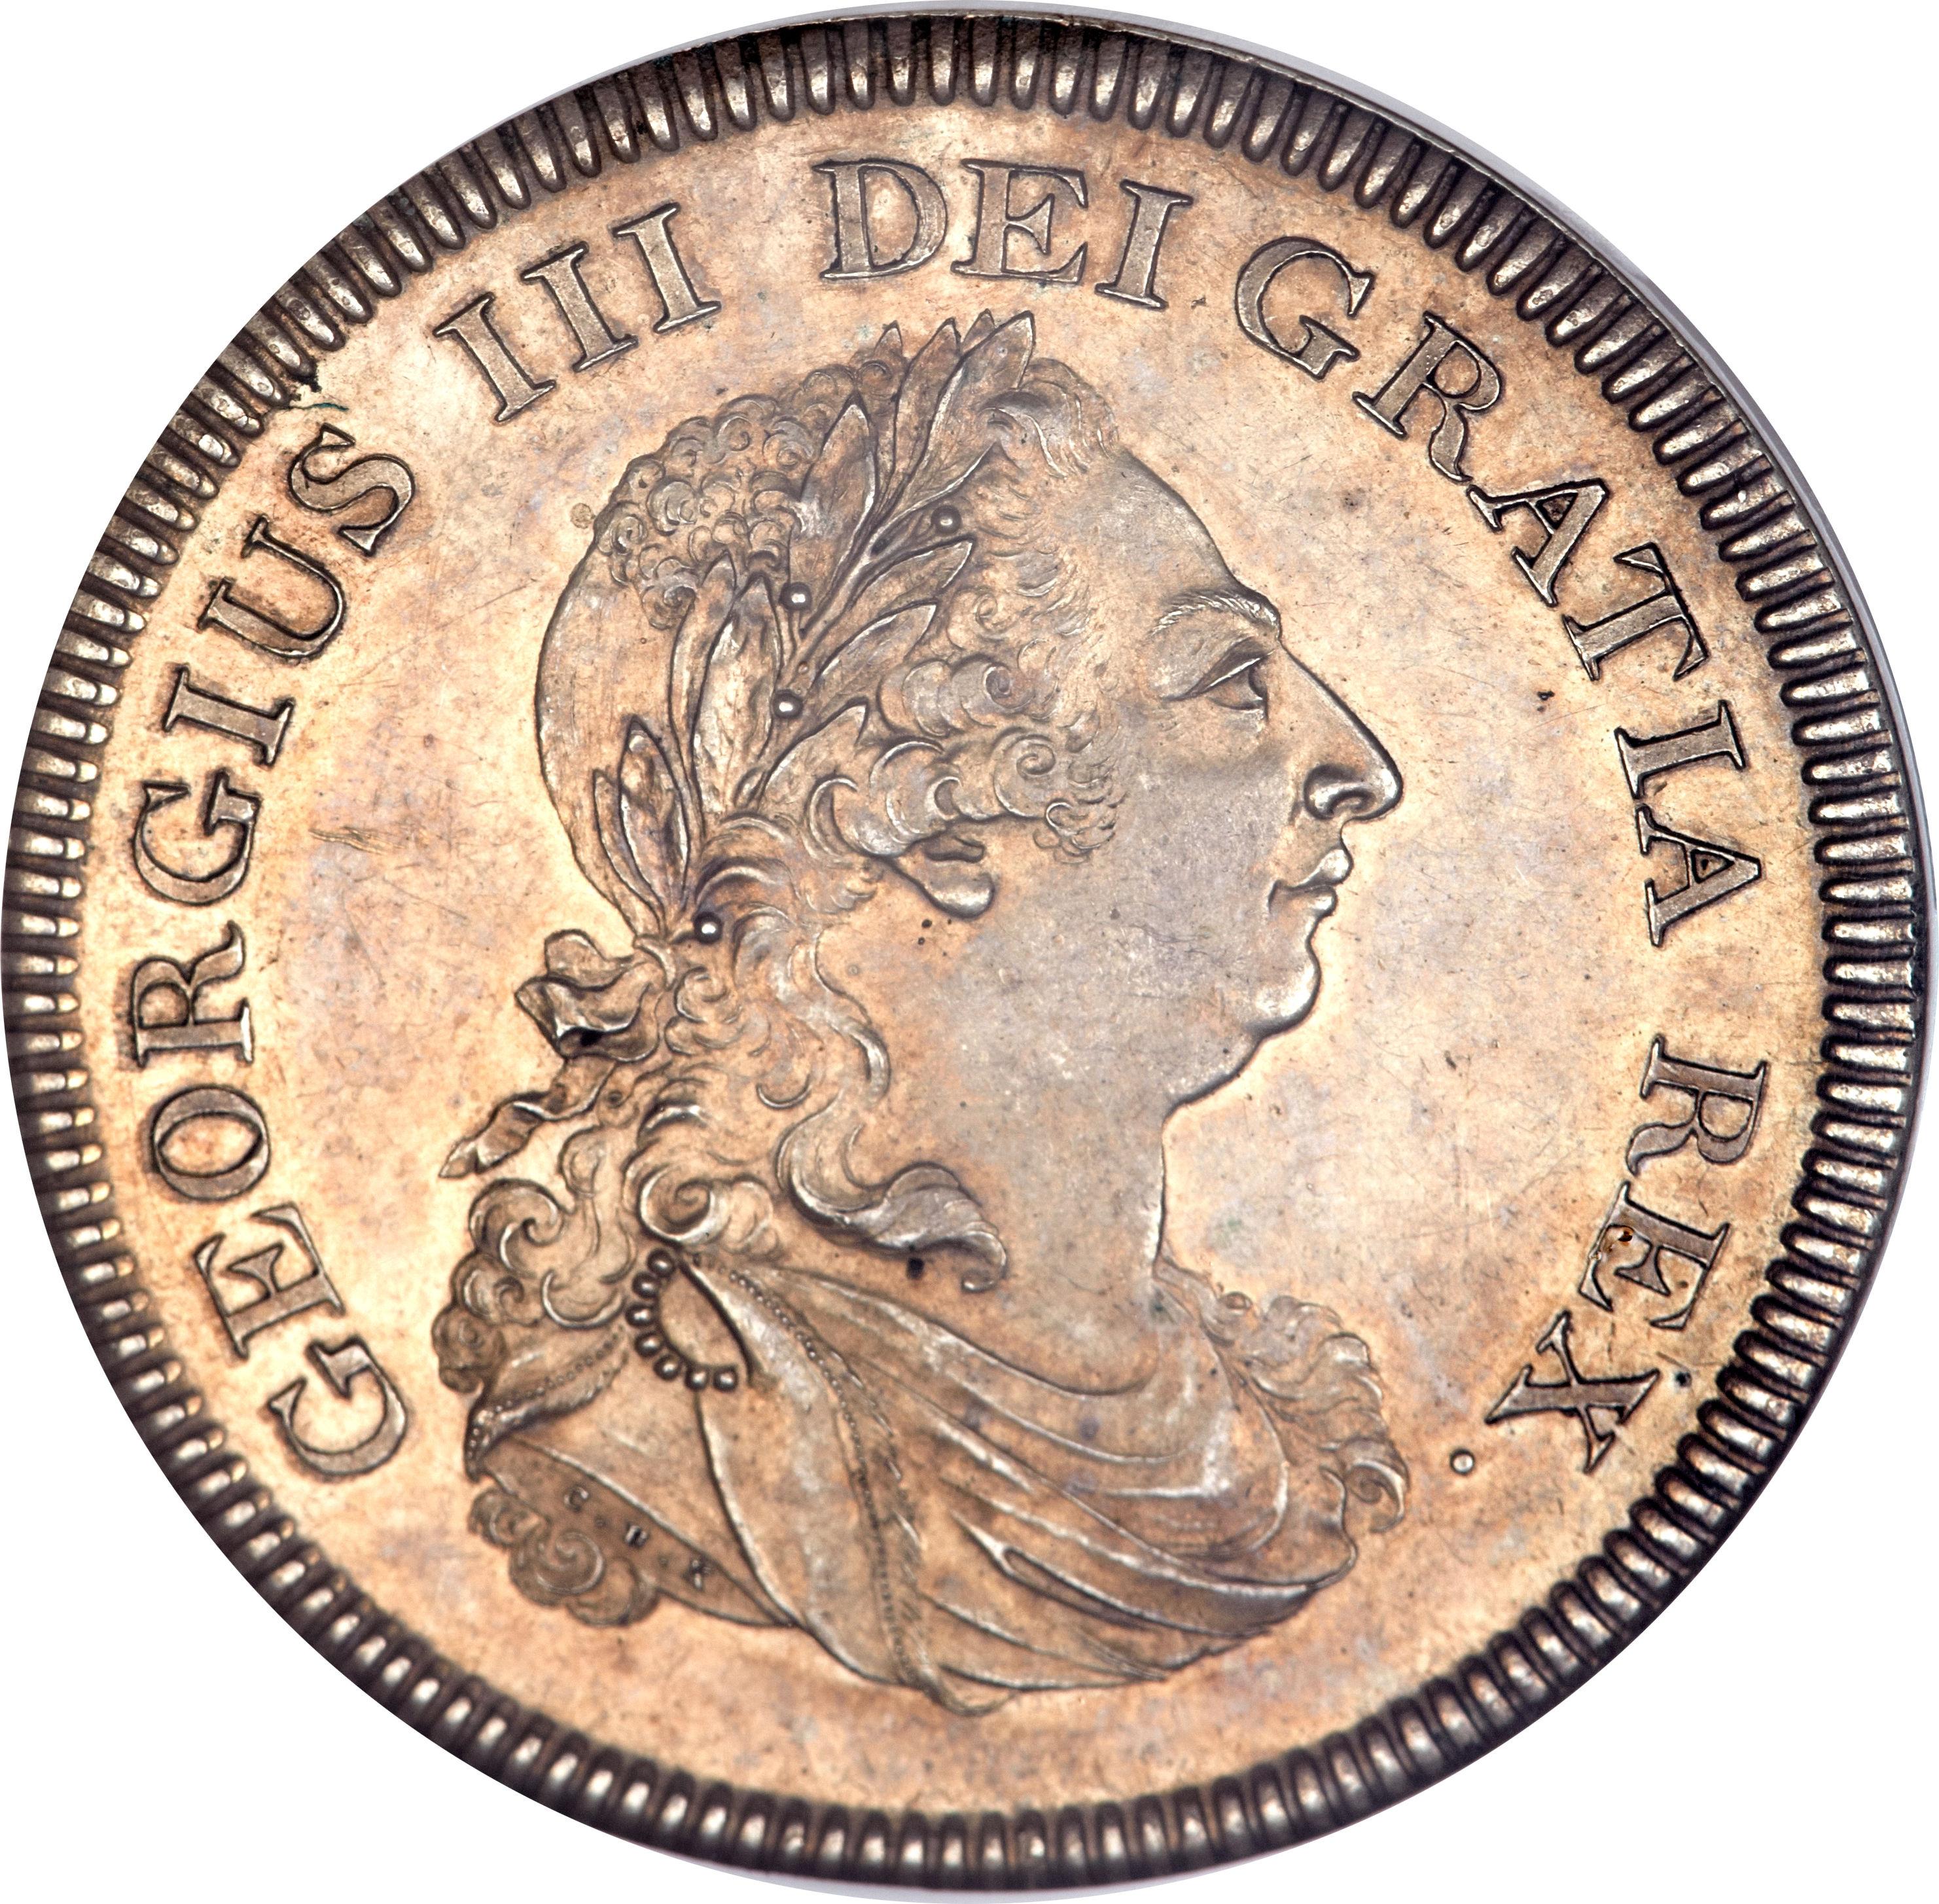 Monnaies britanniques-Royaume-Uni Cinq coins-Coins-chanceux-pi/èces comm/émoratives-D/écouvrez lhistoire goodService DDTing 1804 UK BANK-DOLLAR Ancienne Monnaie